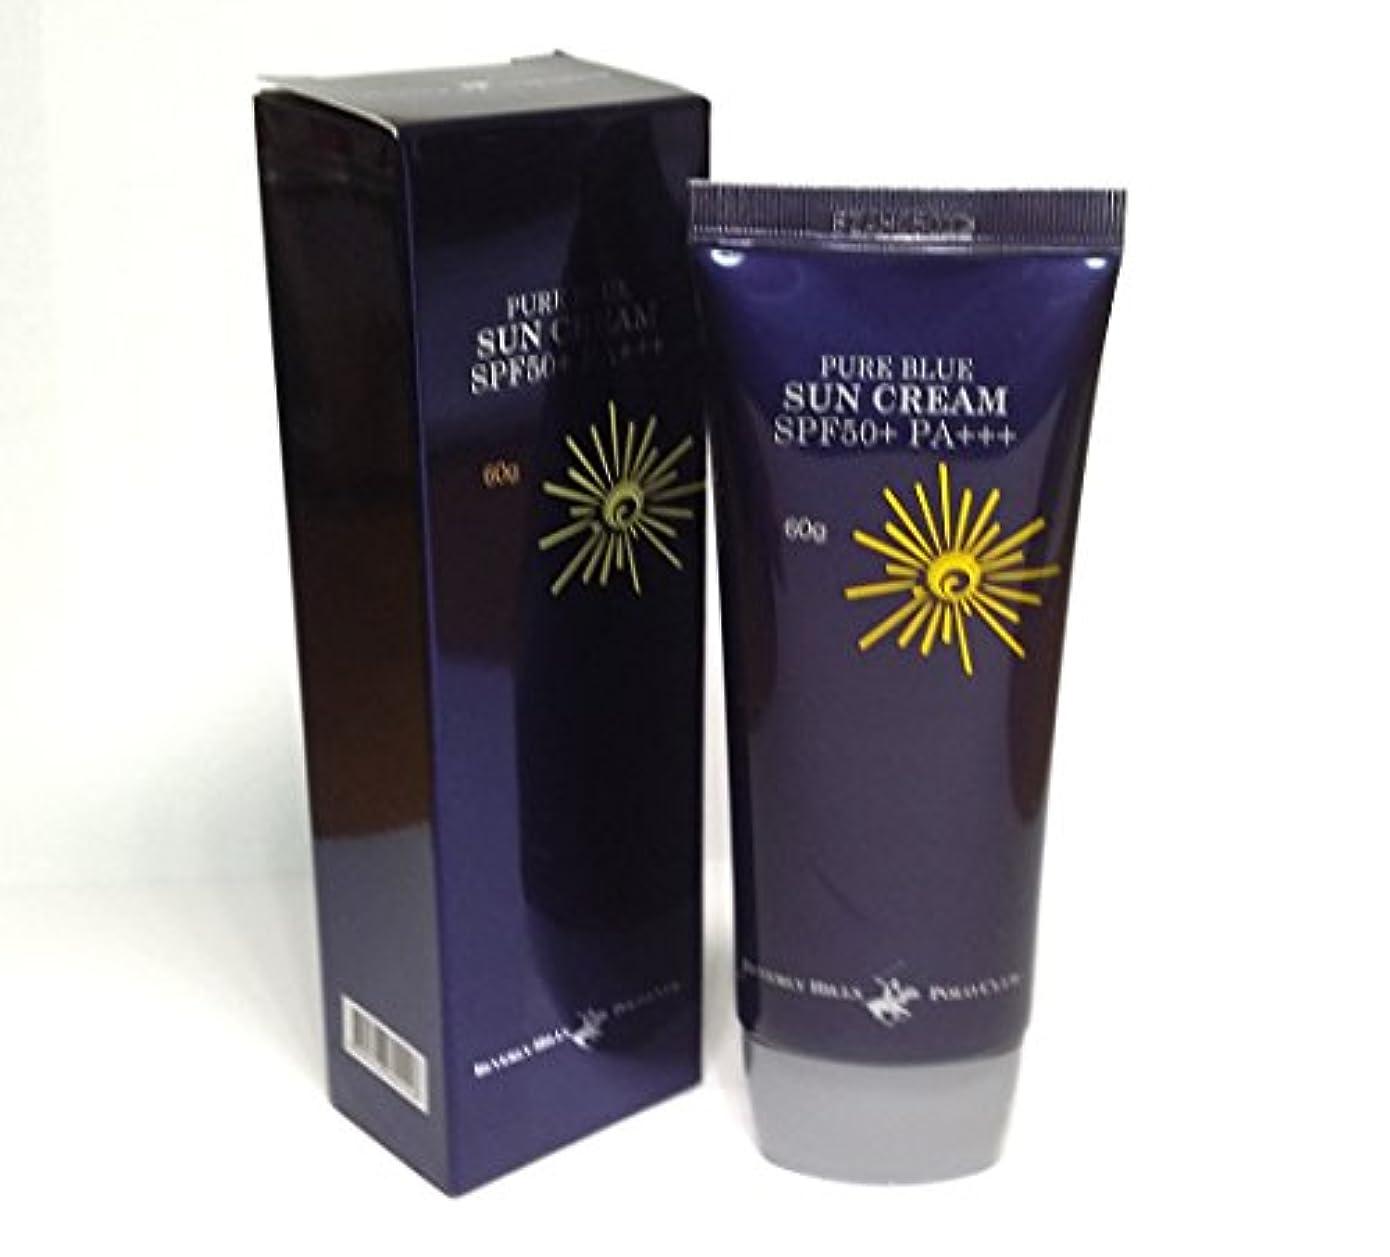 機関車十分ベーリング海峡[BEVERLY HILLS POLO CLUB] ピュアブルーサンクリームSPF50 + PA +++ 60g X 1ea / 韓国化粧品 / Pure Blue Sun Cream SPF50+ PA+++ 60g X 1ea / Korean Cosmetics [並行輸入品]